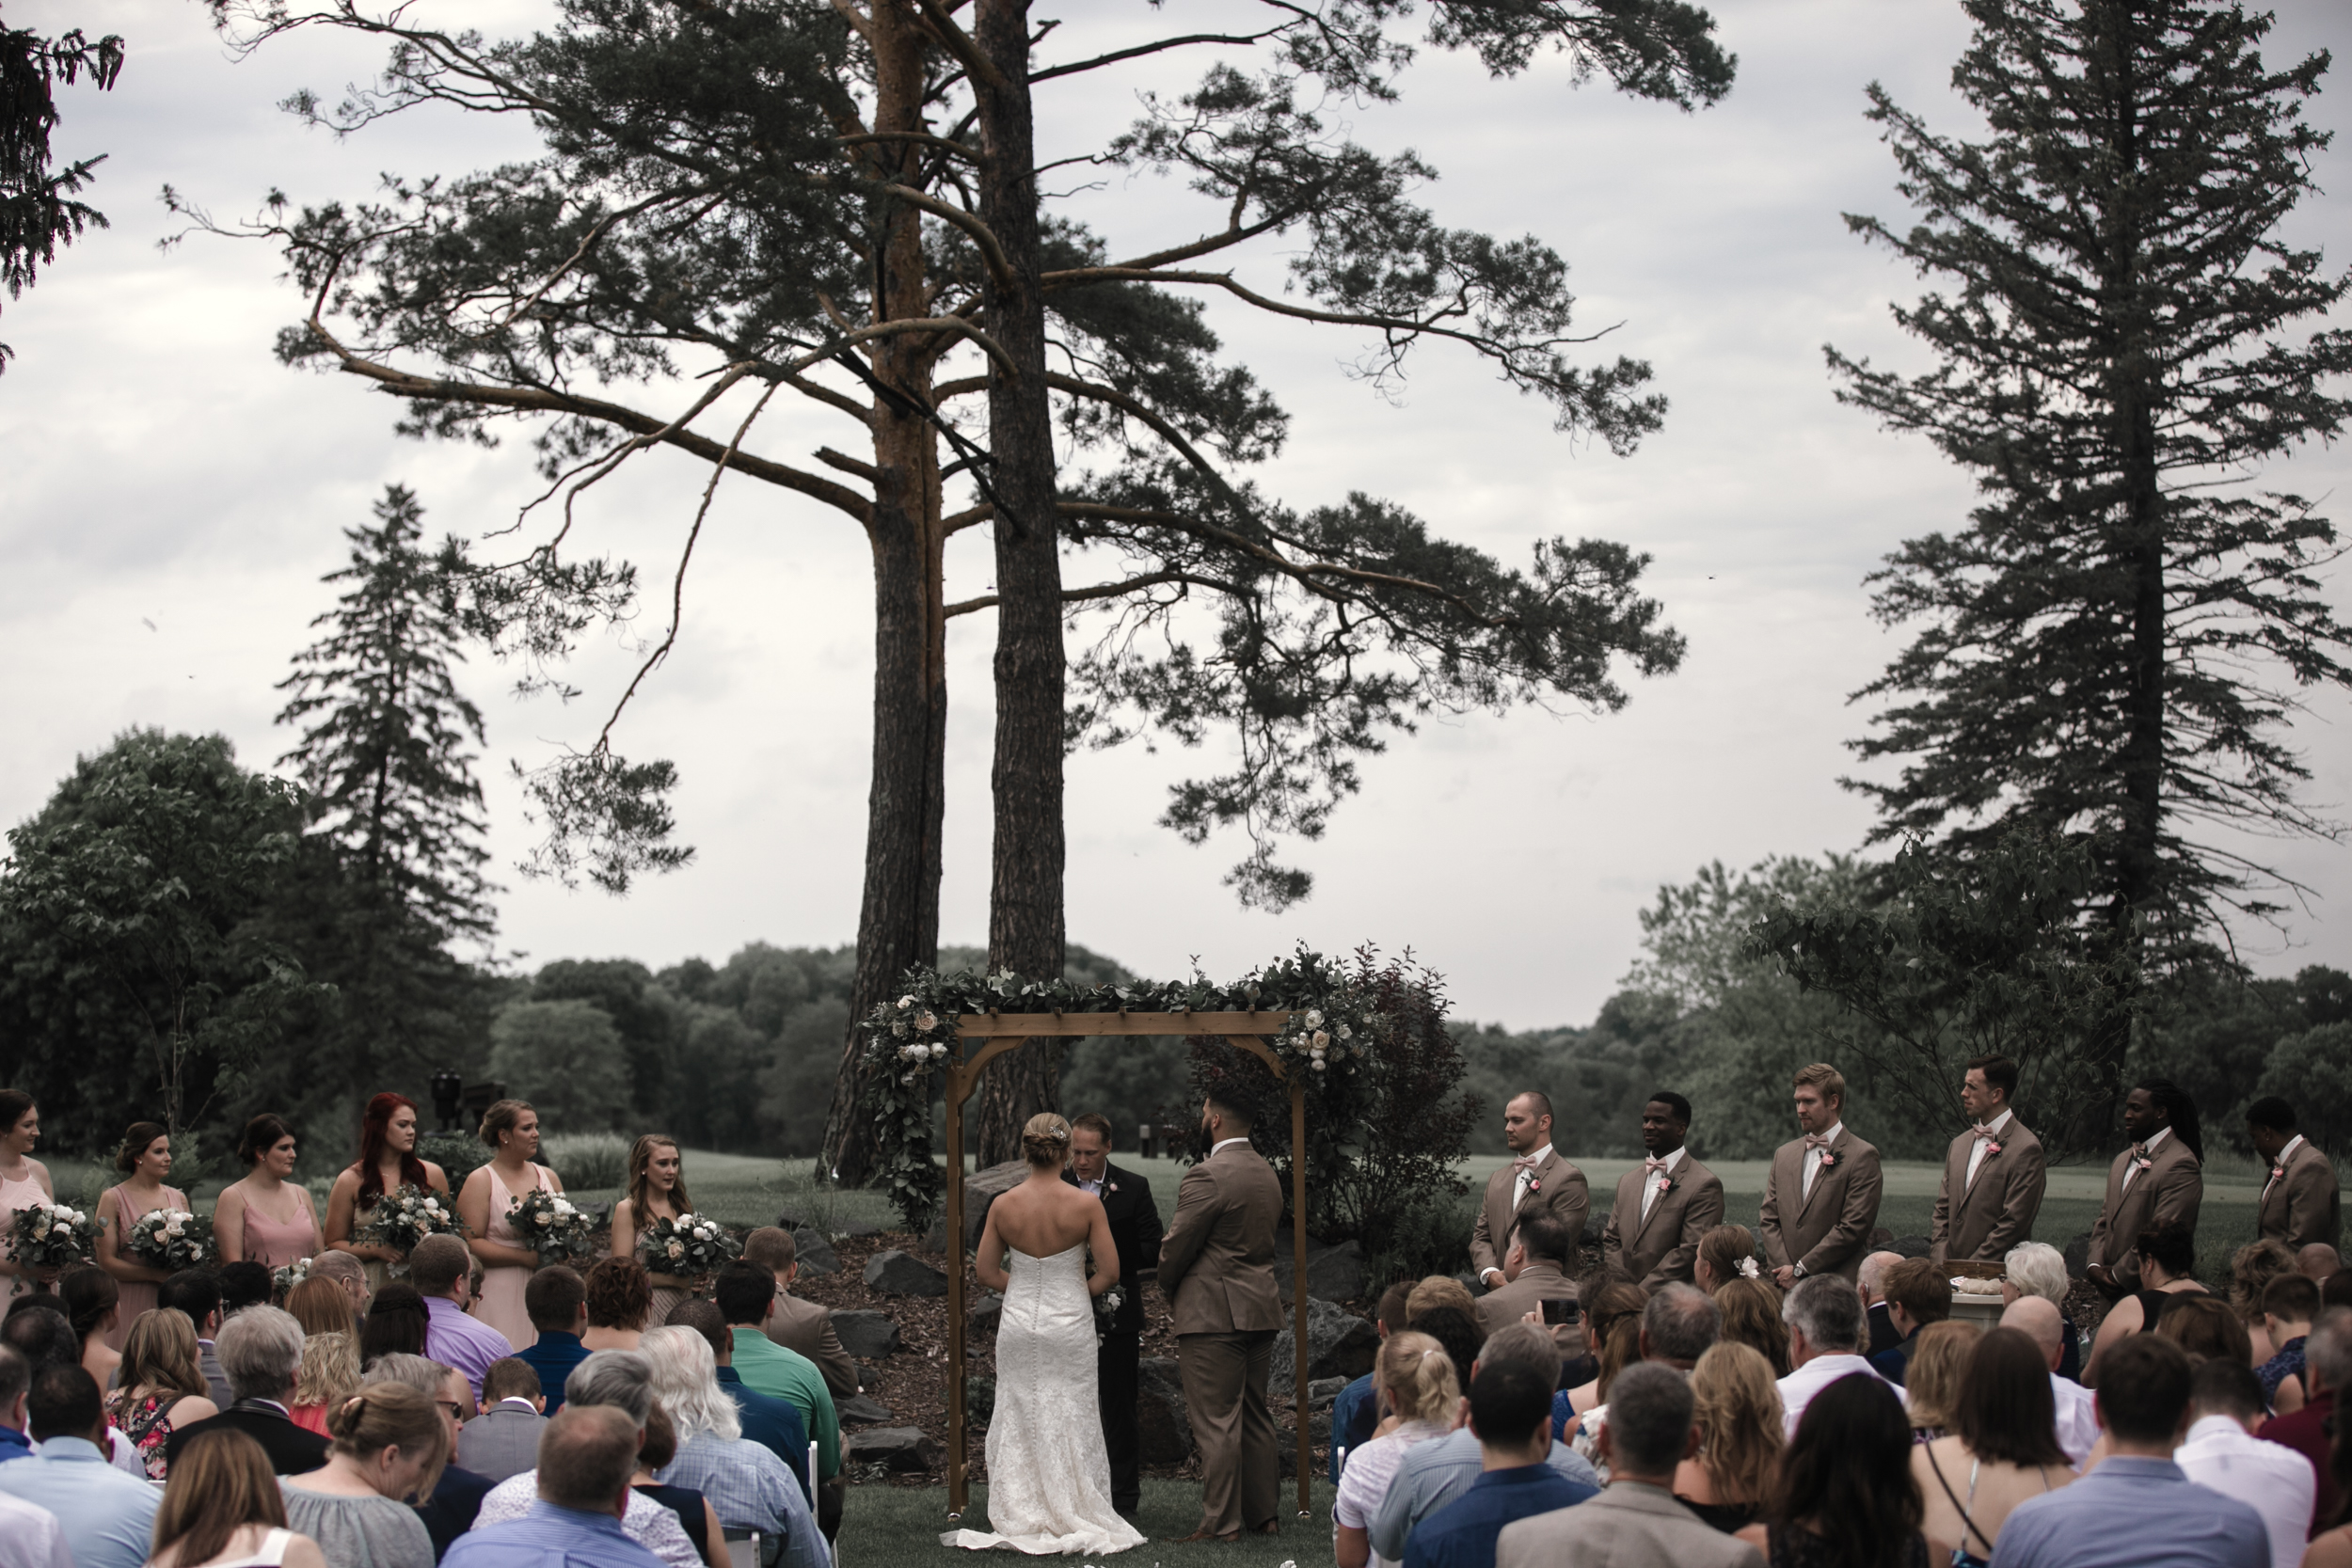 dellwood country club wedding*, Dellwood Country Club*, golf course wedding*, green golf course*, rose pink wedding details*-www.rachelsmak.com36.jpg